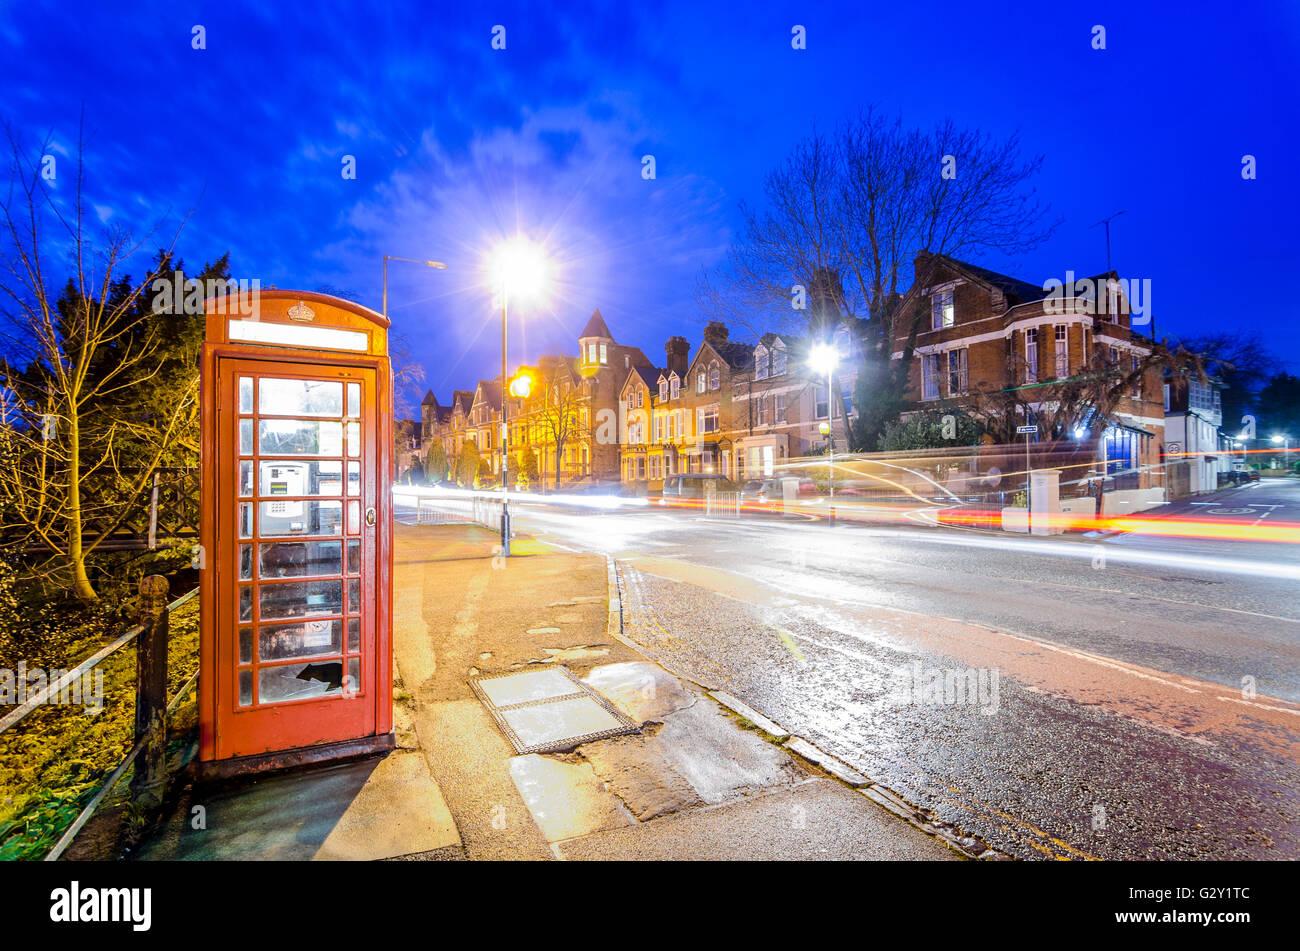 Nacht Szene in Cambridge, Großbritannien, mit roten Telefonzelle und Bewegungsunschärfe leichte Wanderwege Stockbild